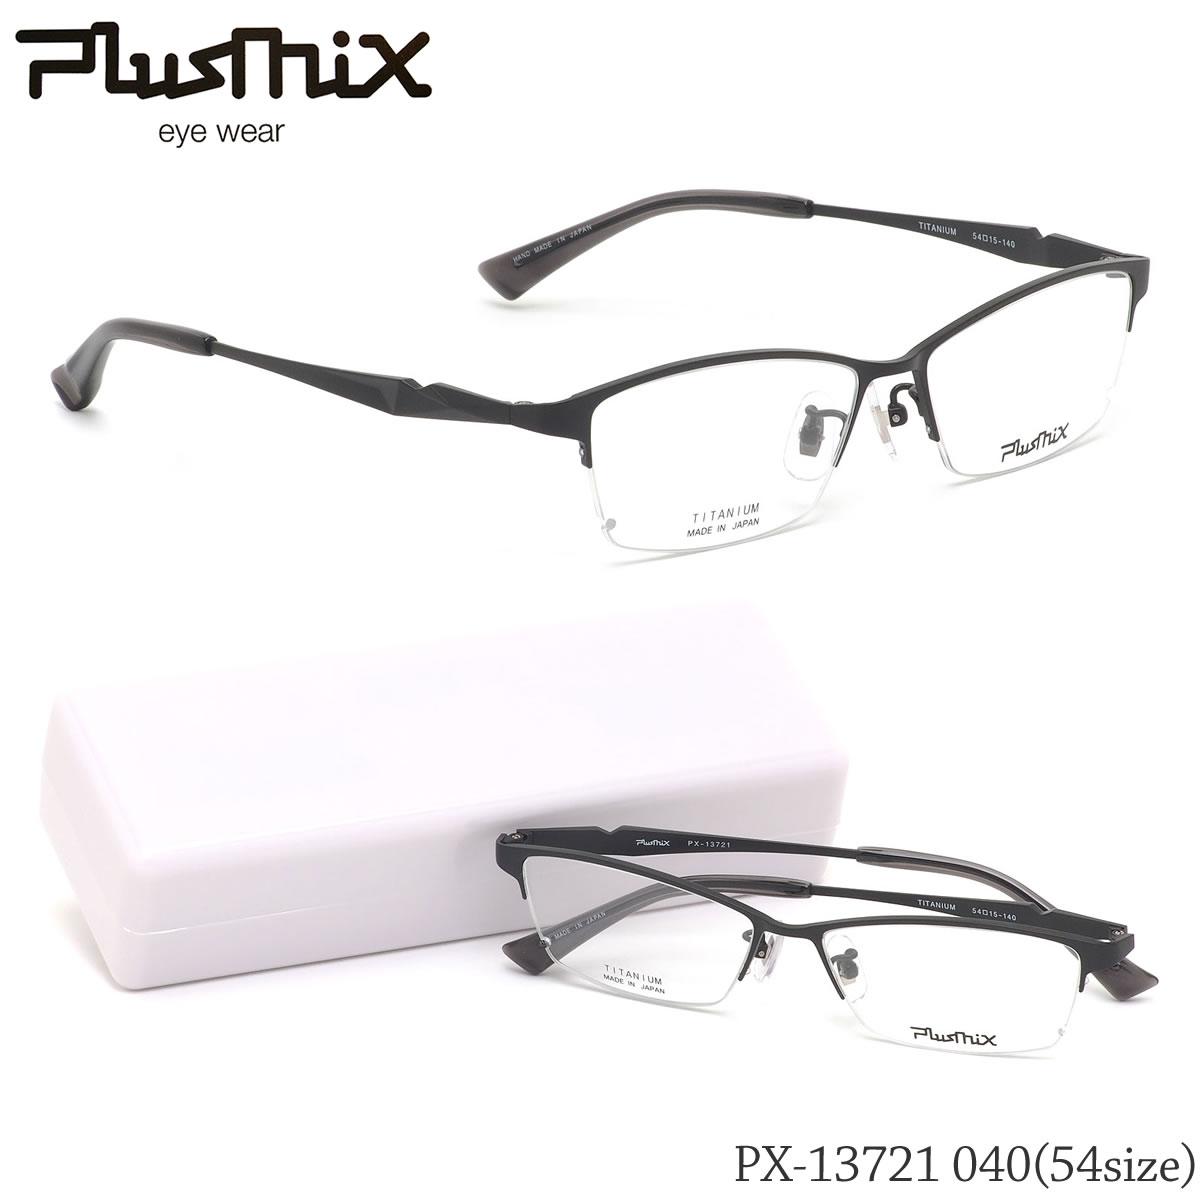 【10月30日からエントリーで全品ポイント20倍】プラスミックス PlusMix メガネPX-13721 040 54サイズ日本製 MADE IN JAPAN スクエア ハーフリム ブロー ビジネス伊達メガネレンズ無料 メンズ レディース